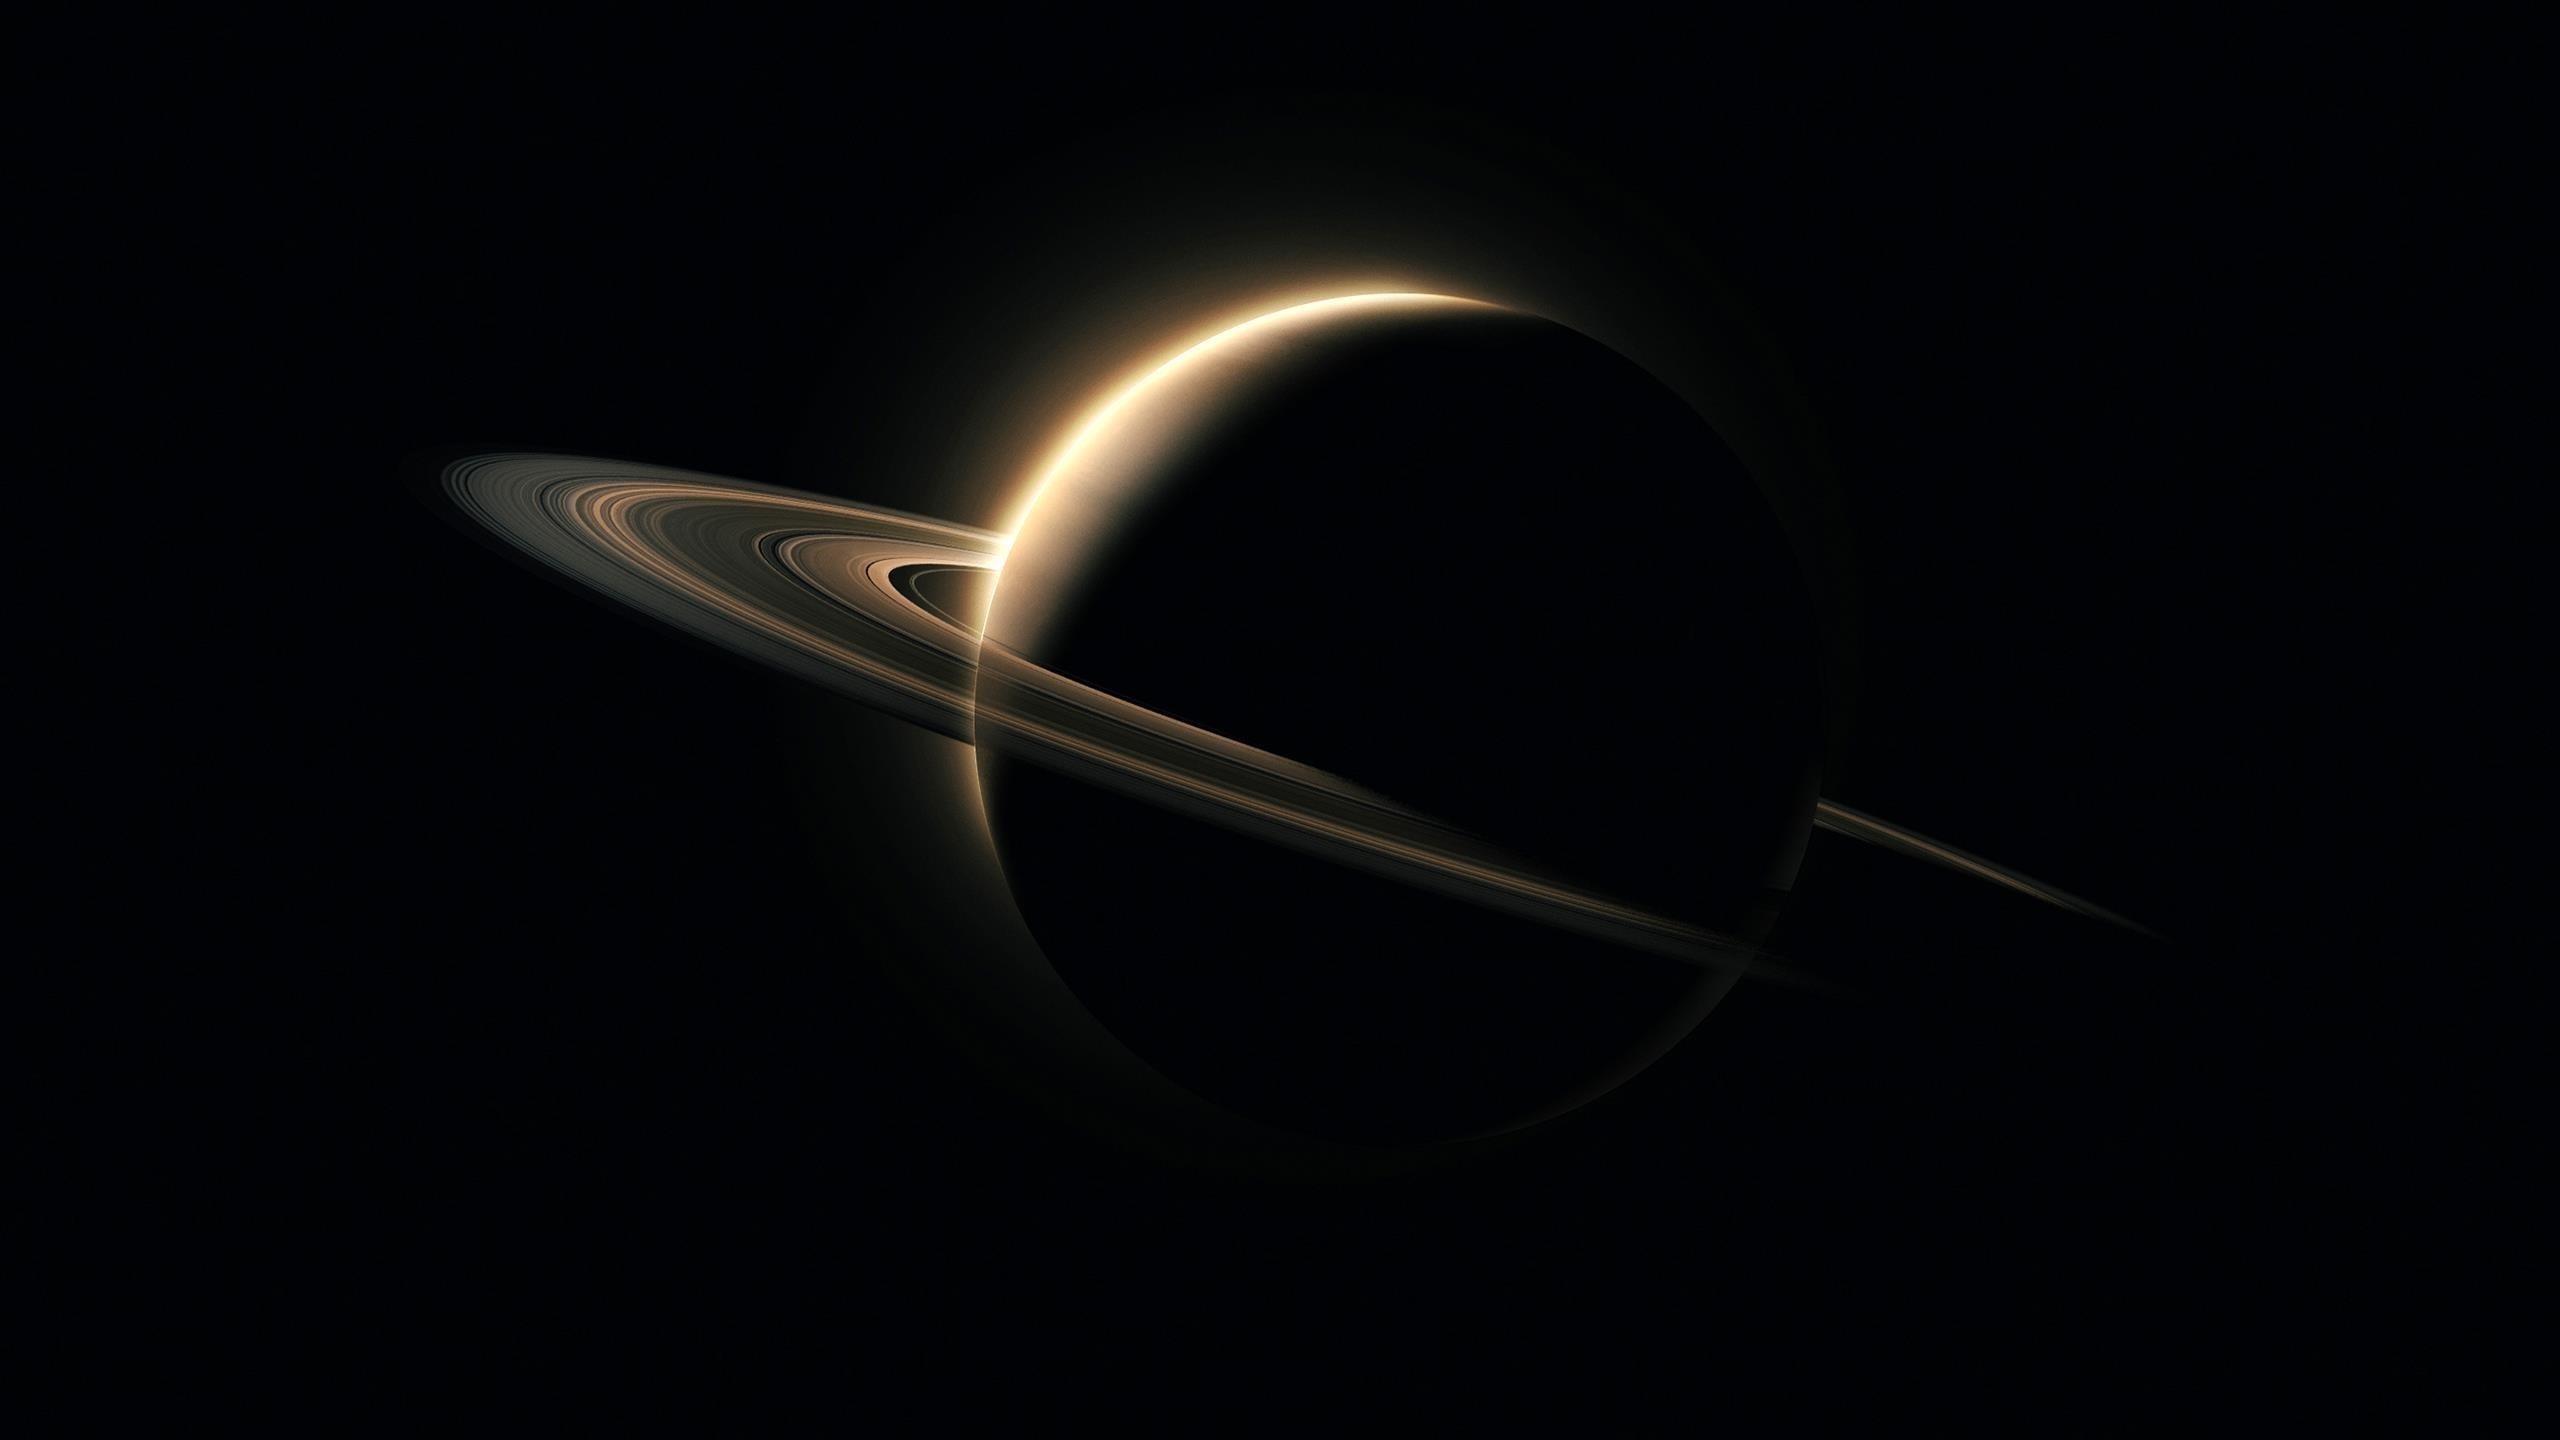 Планета Сатурн обои скачать